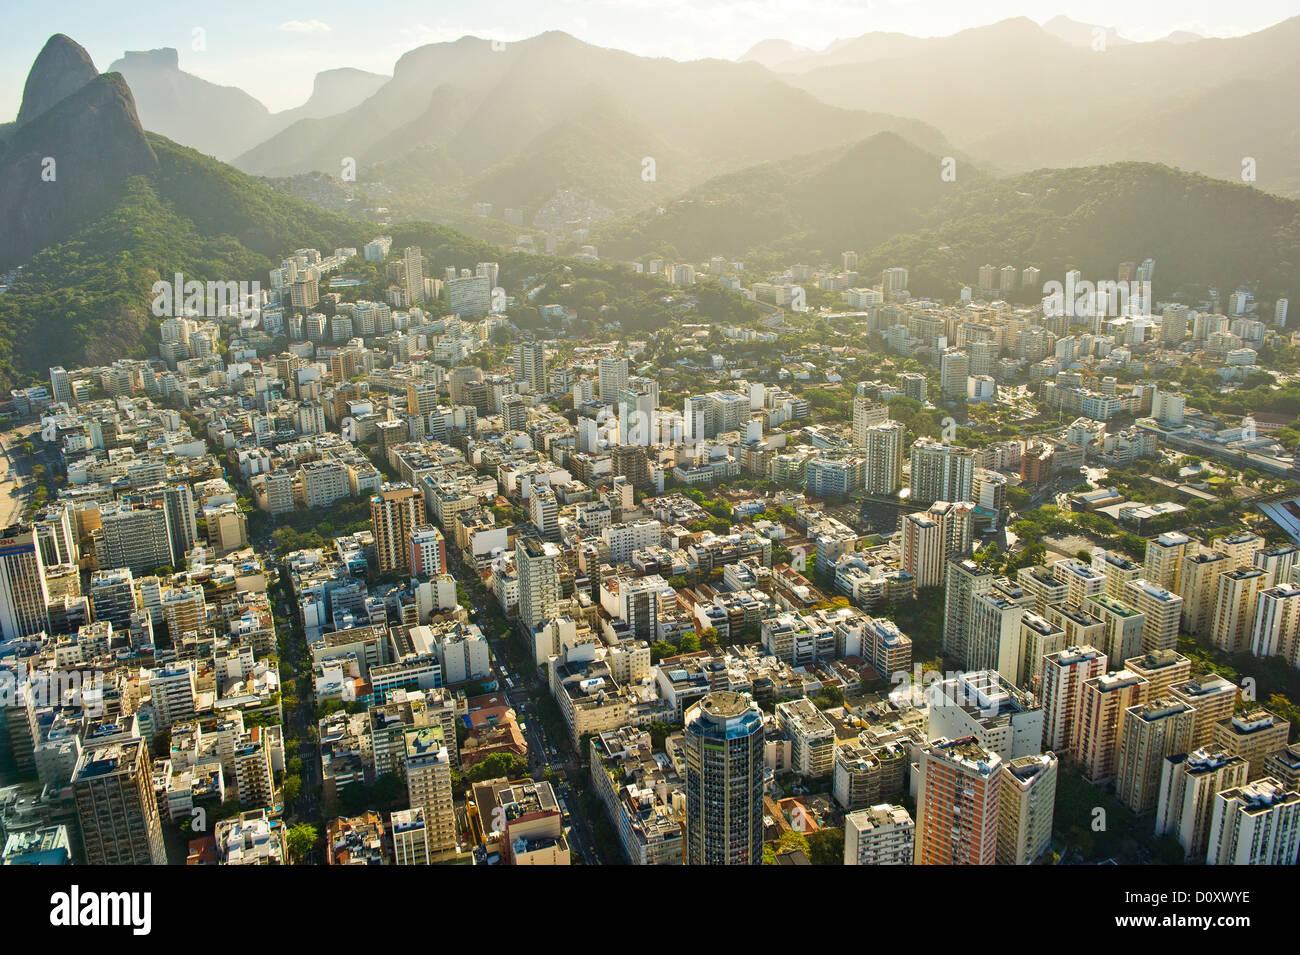 Vue aérienne de quartiers de Rio de Janeiro, Brésil Photo Stock